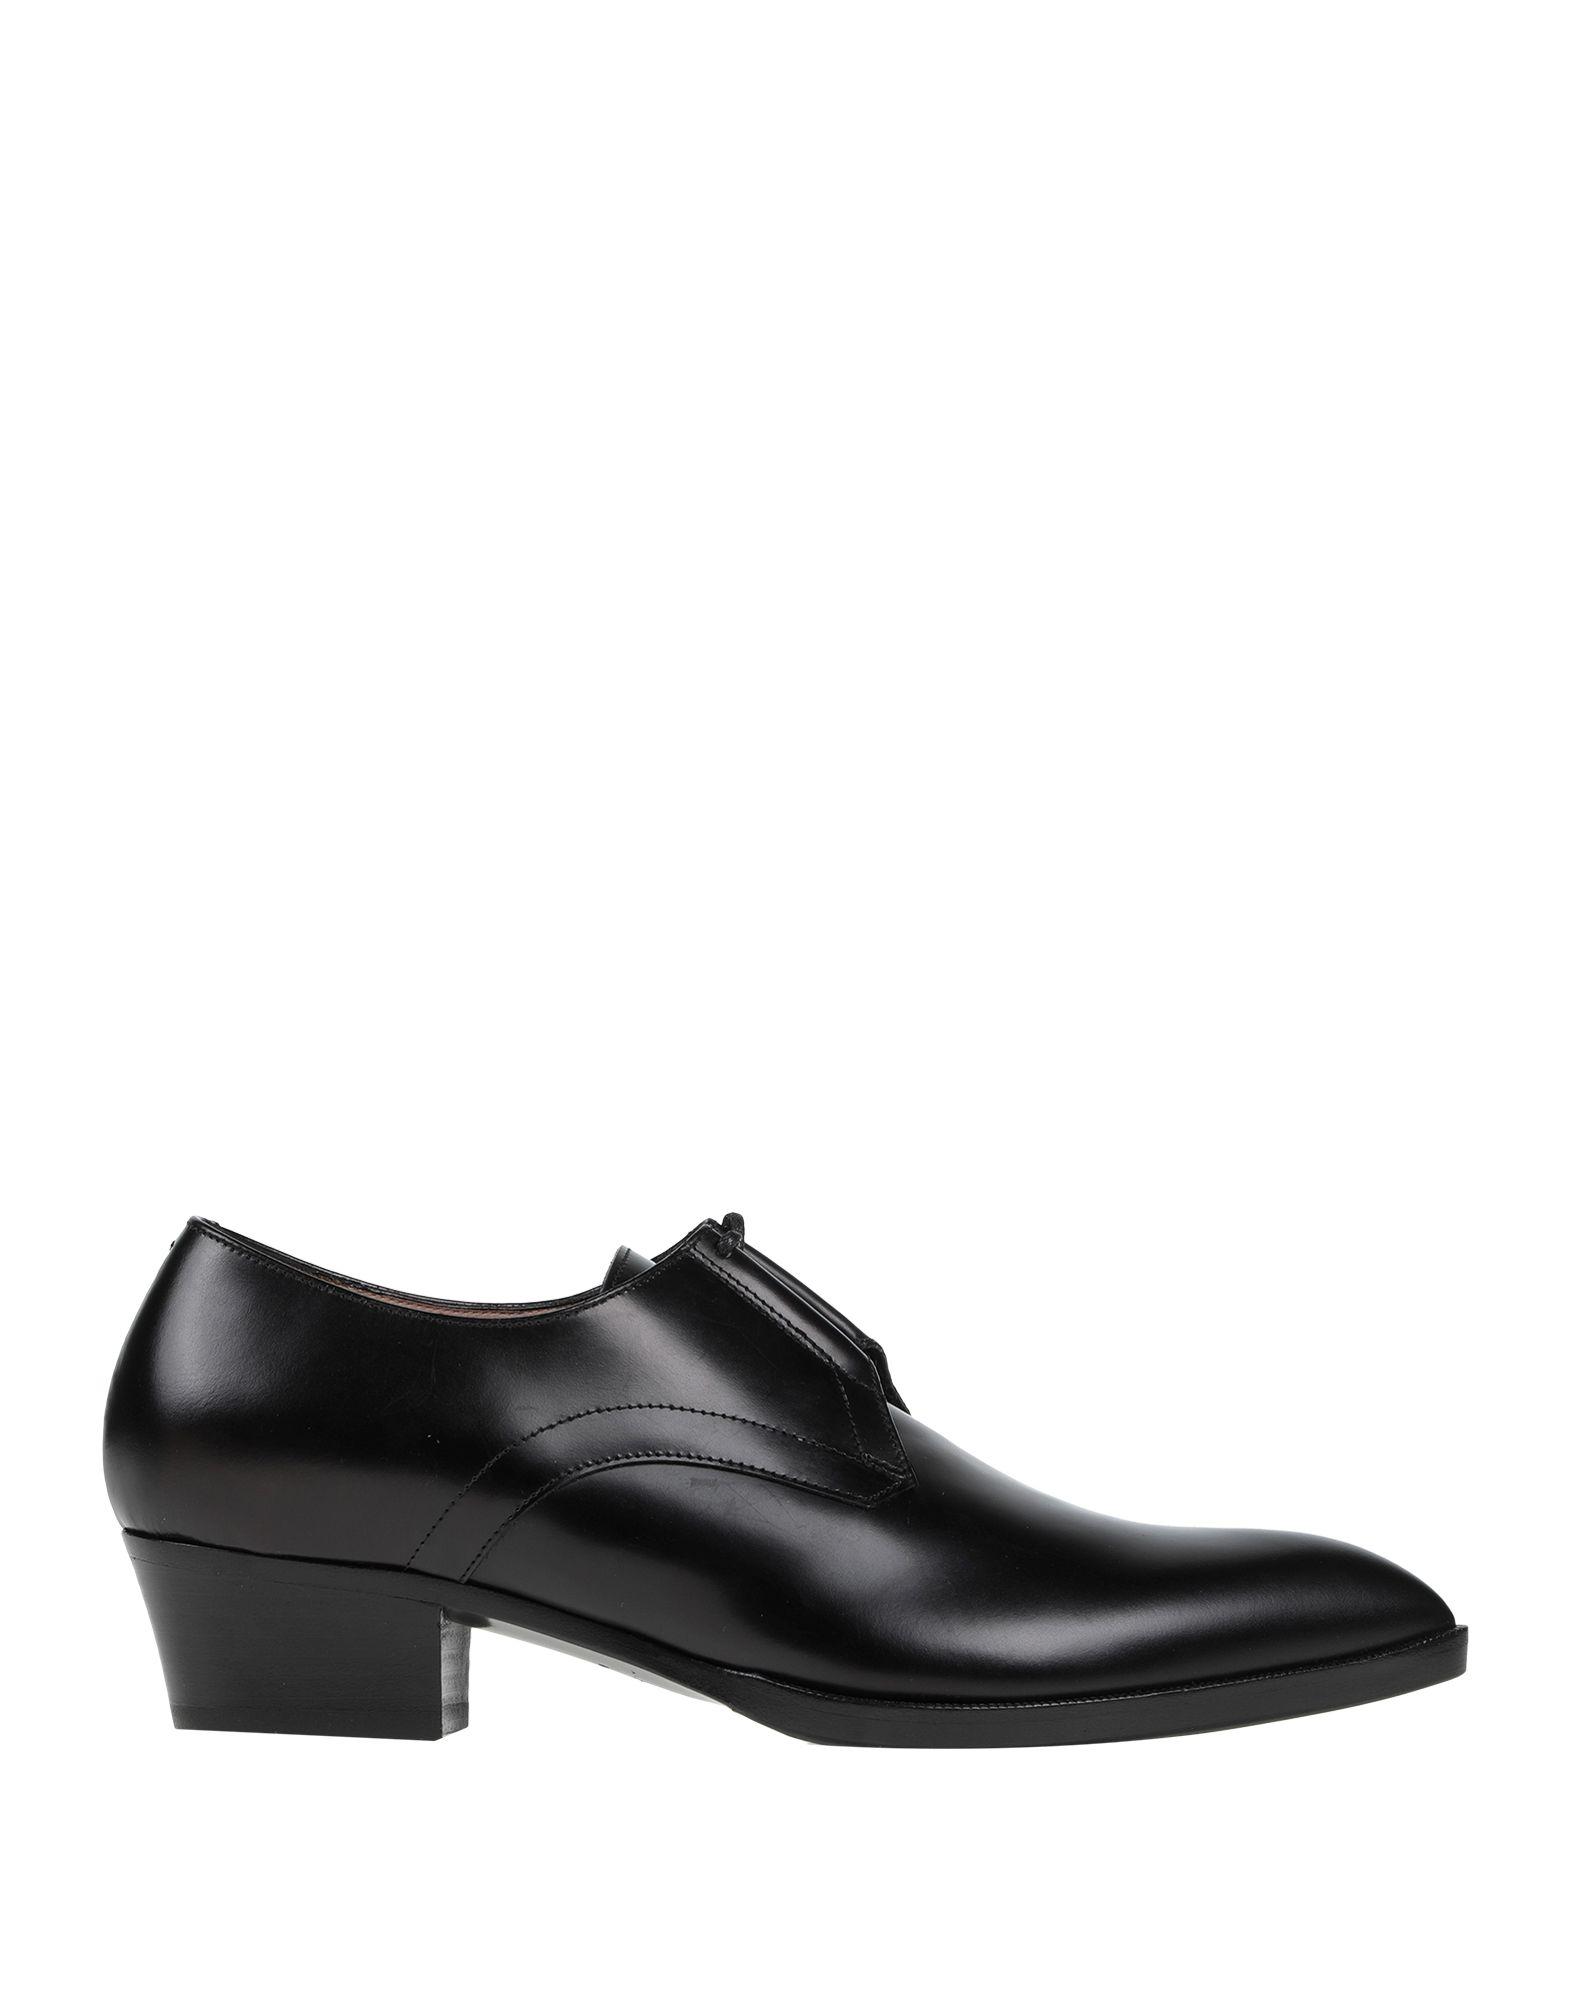 DRIES VAN NOTEN | DRIES VAN NOTEN Lace-Up Shoes 11593074 | Goxip